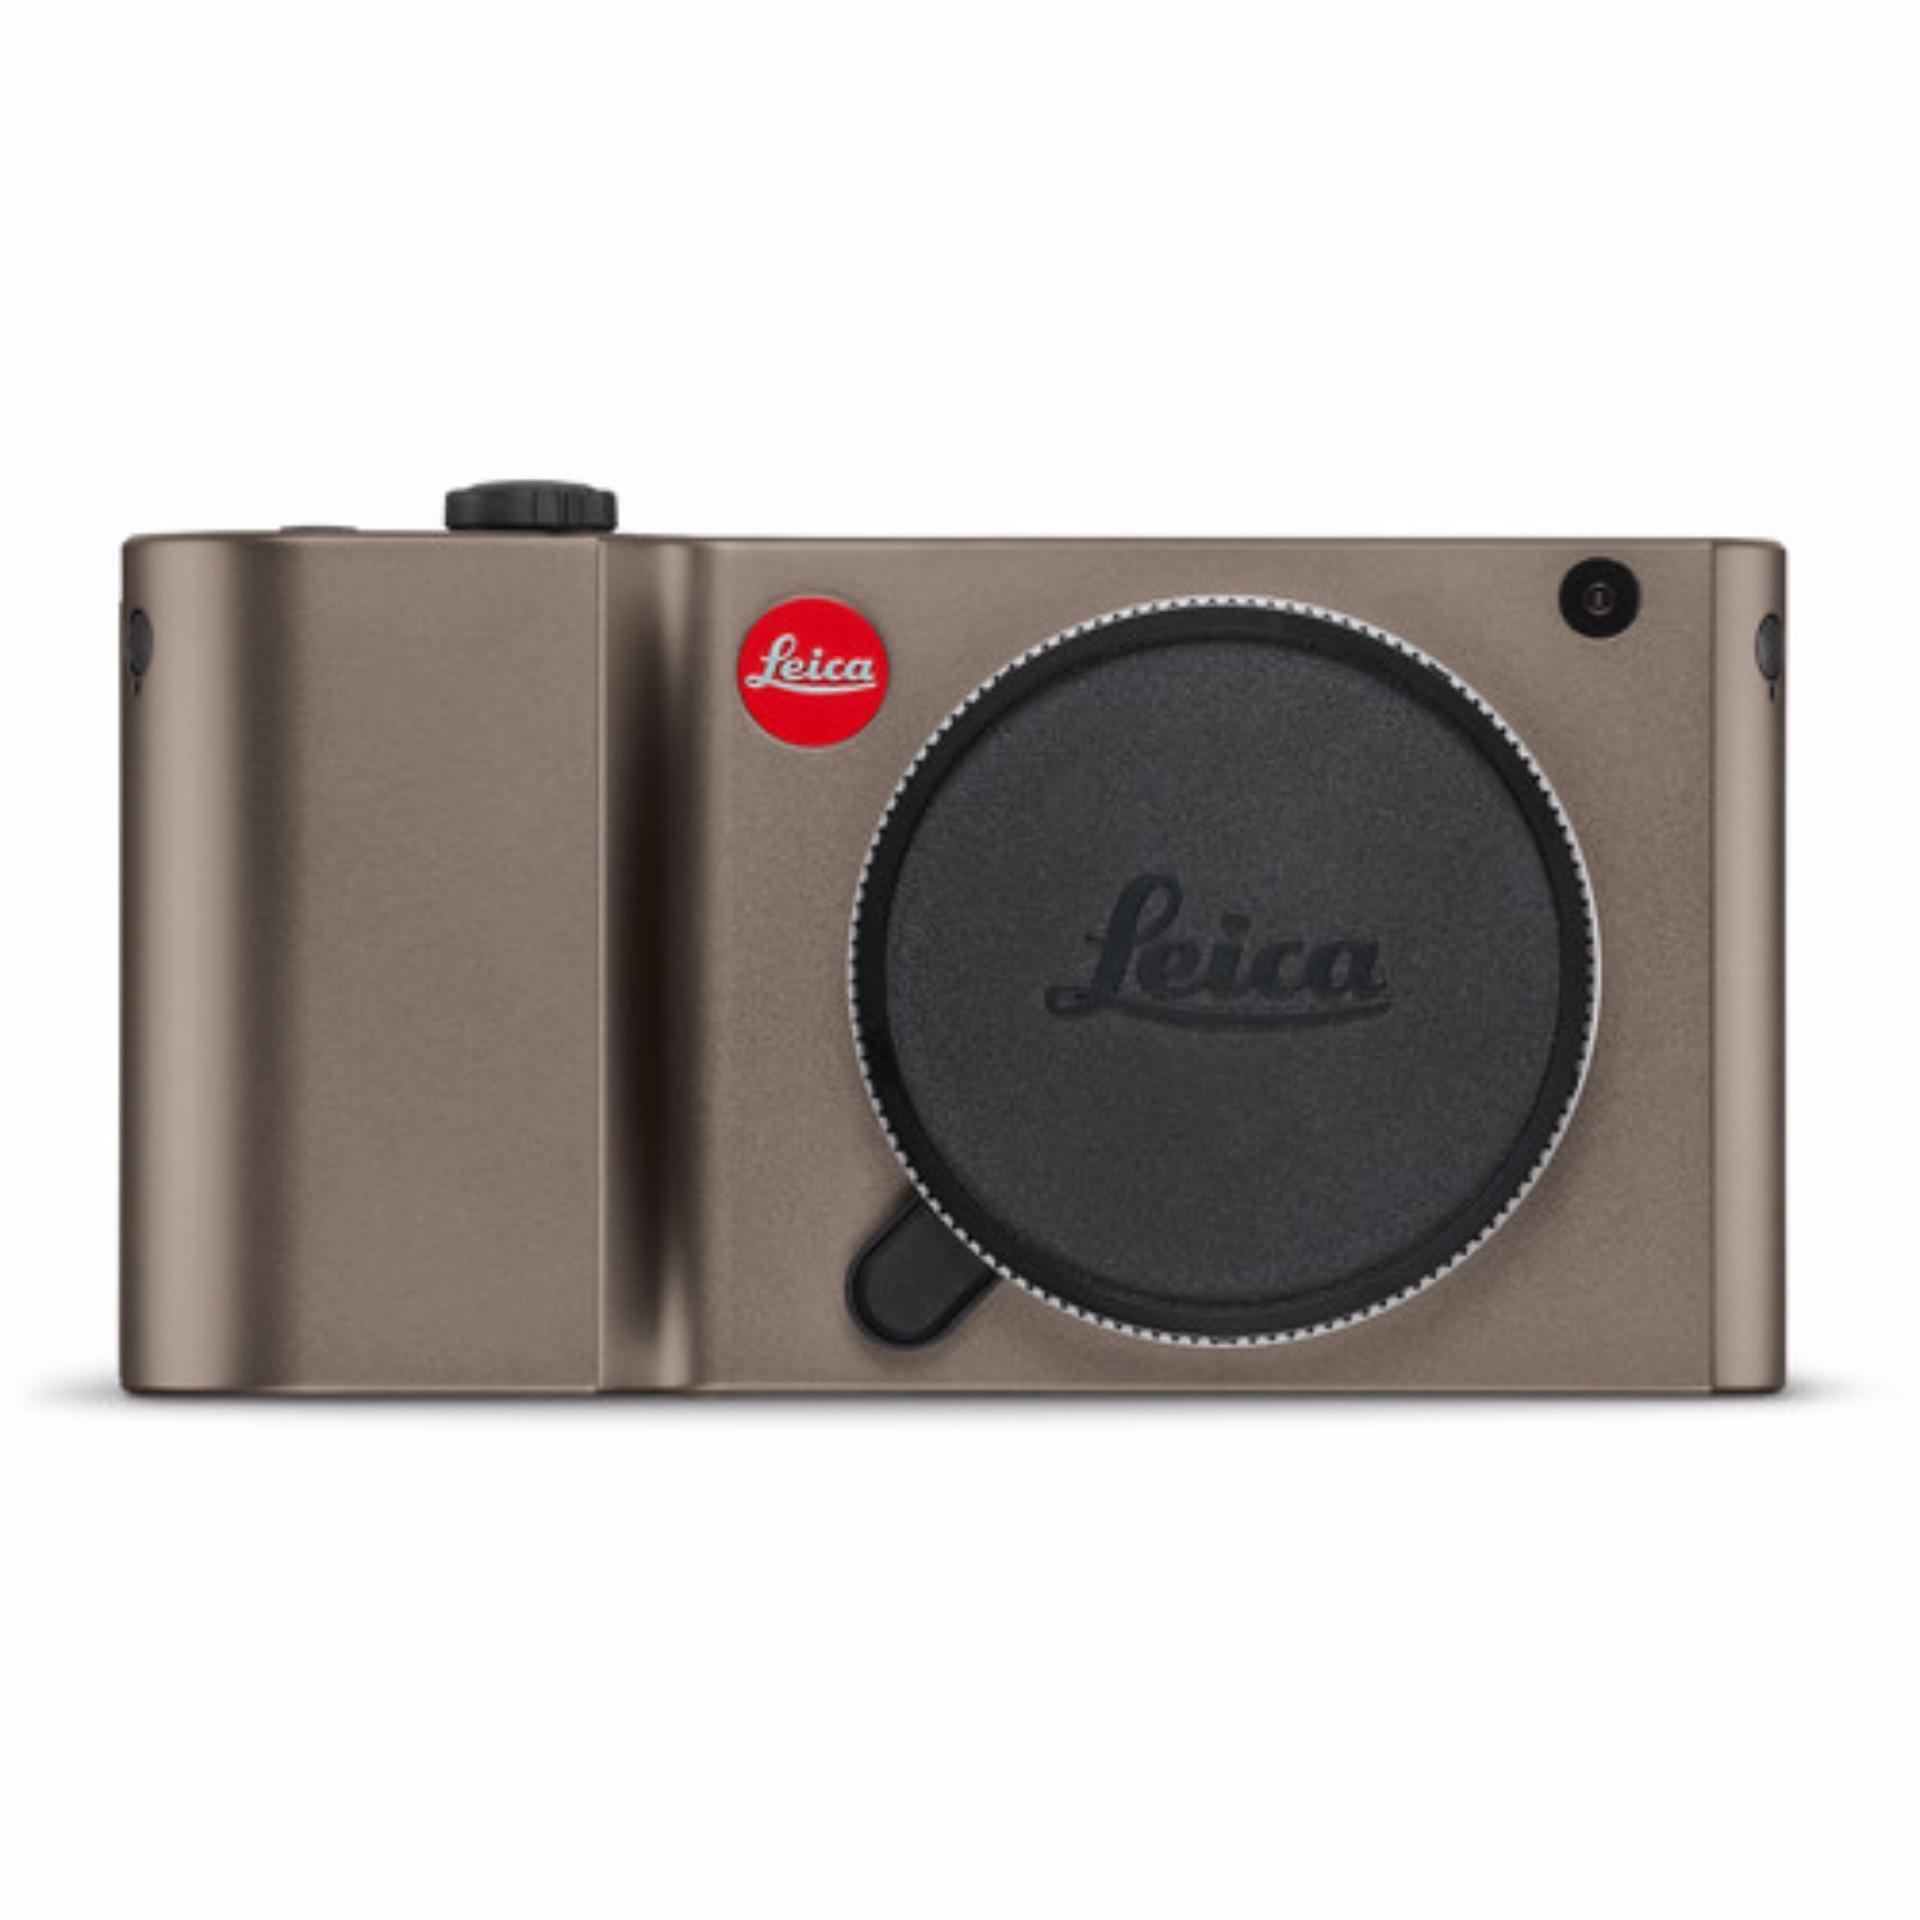 (Special Price) Leica TL Mirrorless Digital Camera (Titanium)